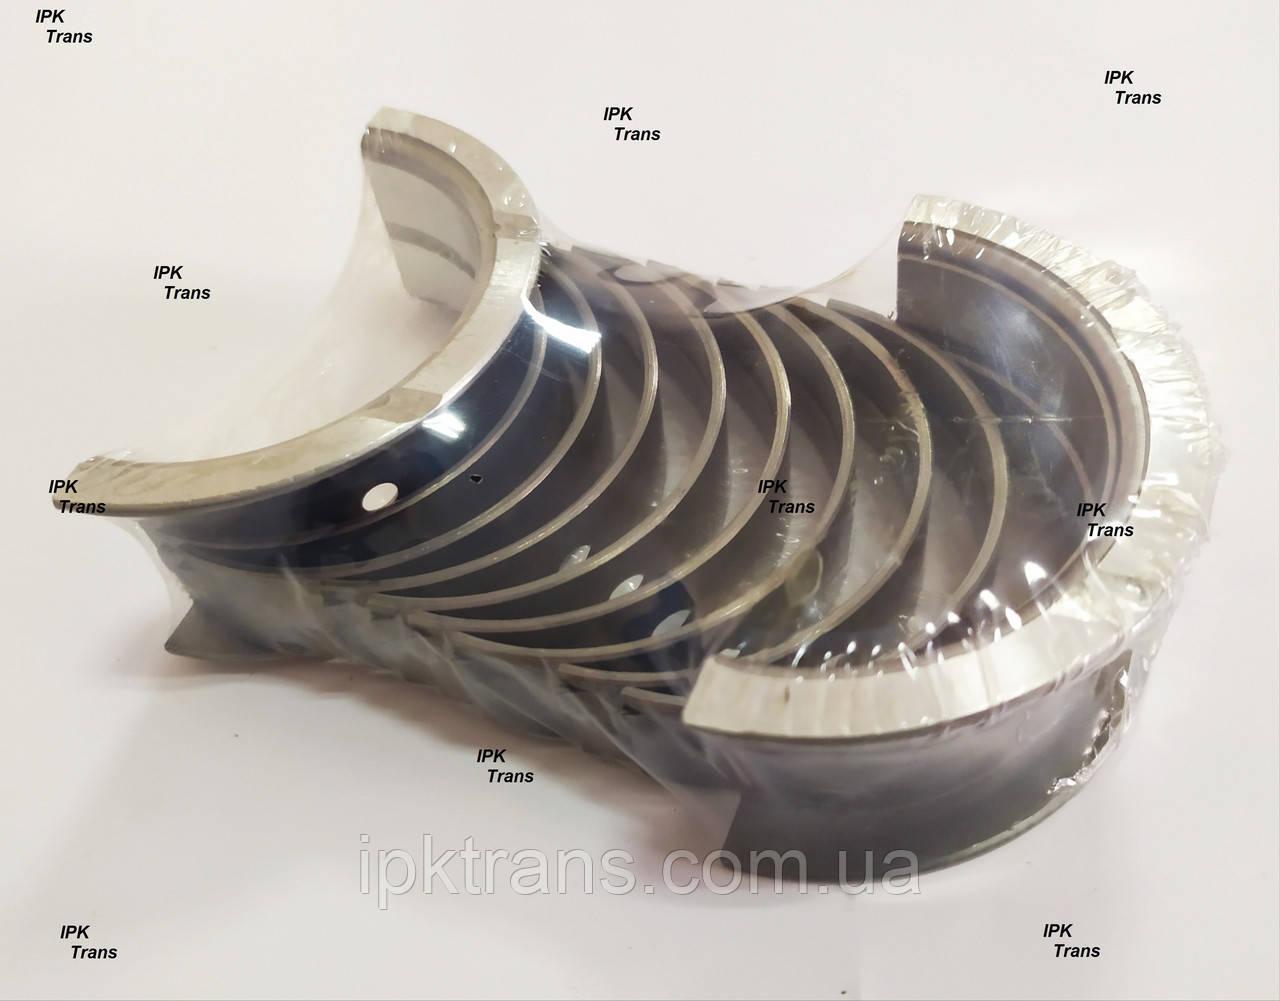 Вкладыши коренные для двигателя NISSAN H20 +0,50 12209-50K00 / 1220950K00